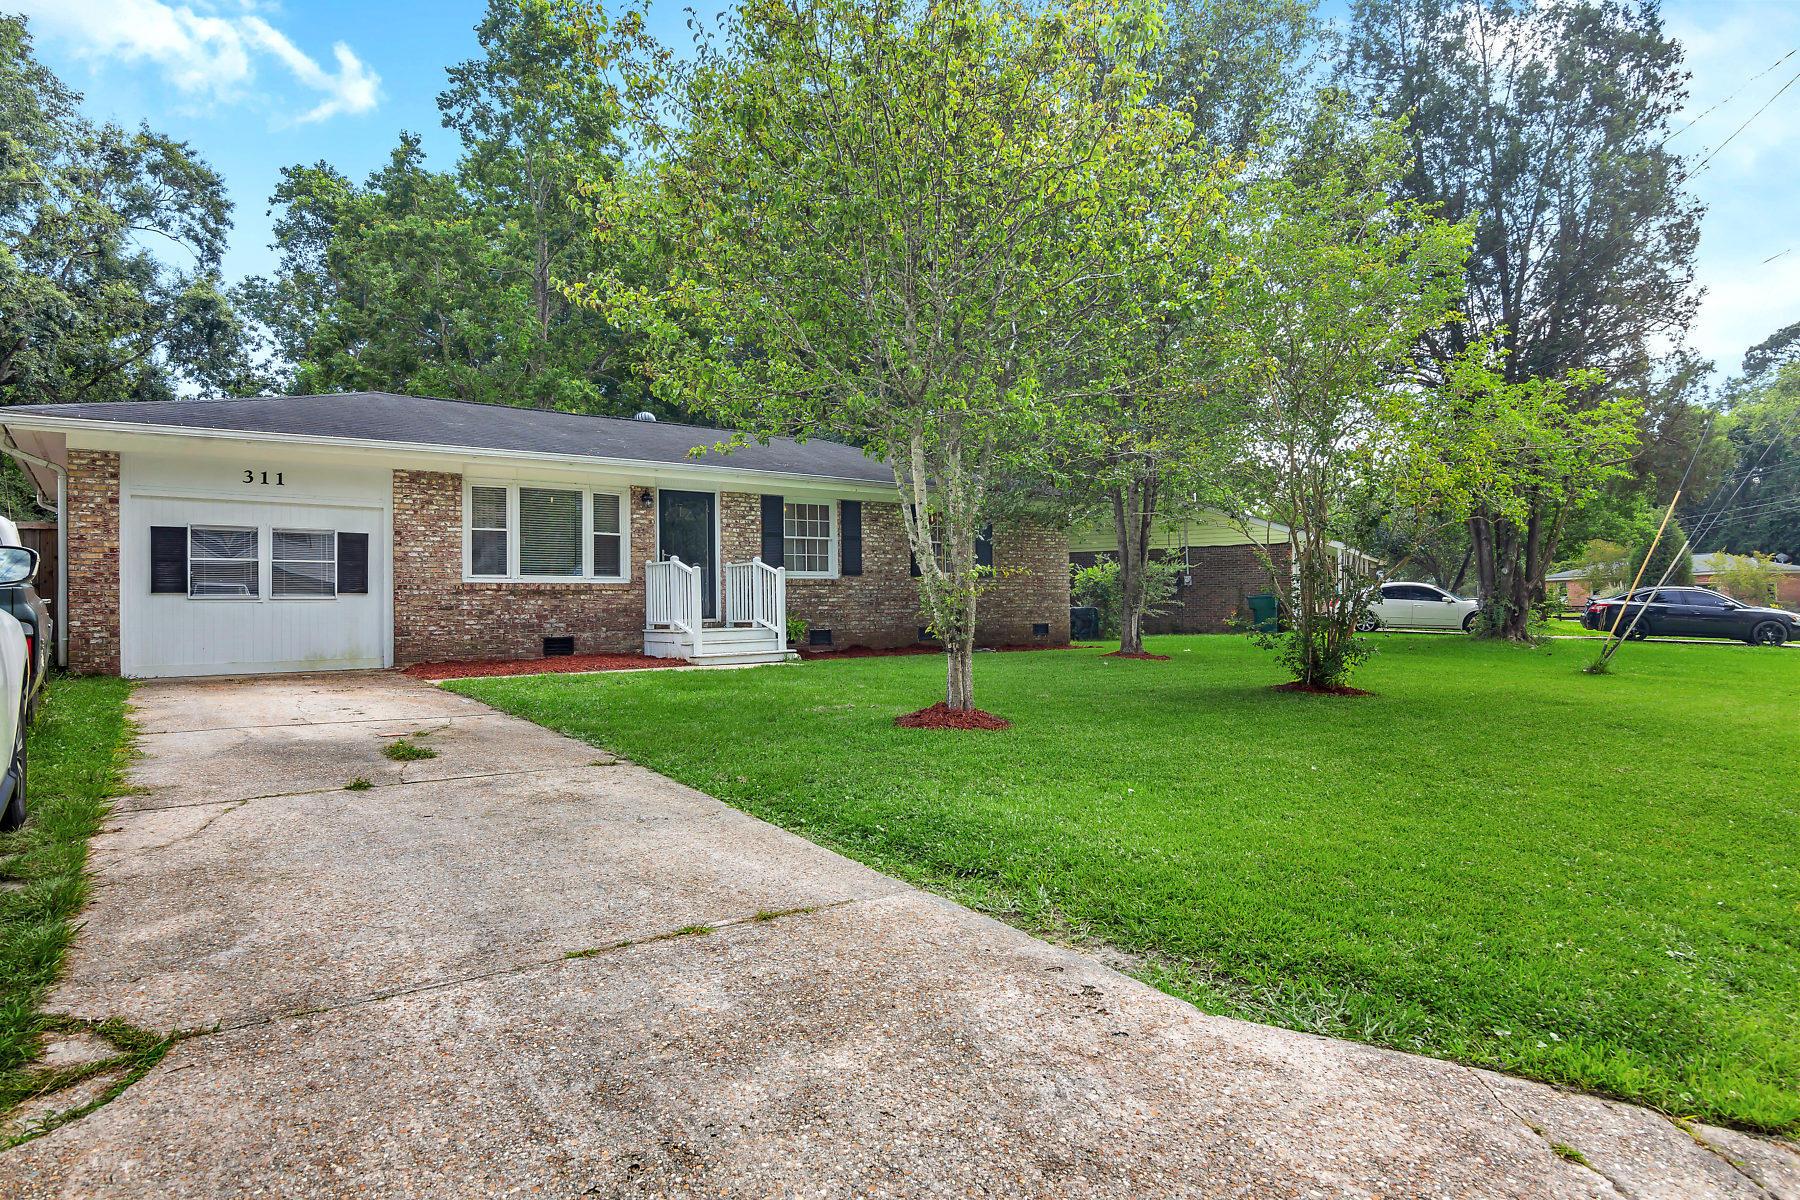 311 Laurel Avenue Goose Creek, SC 29445